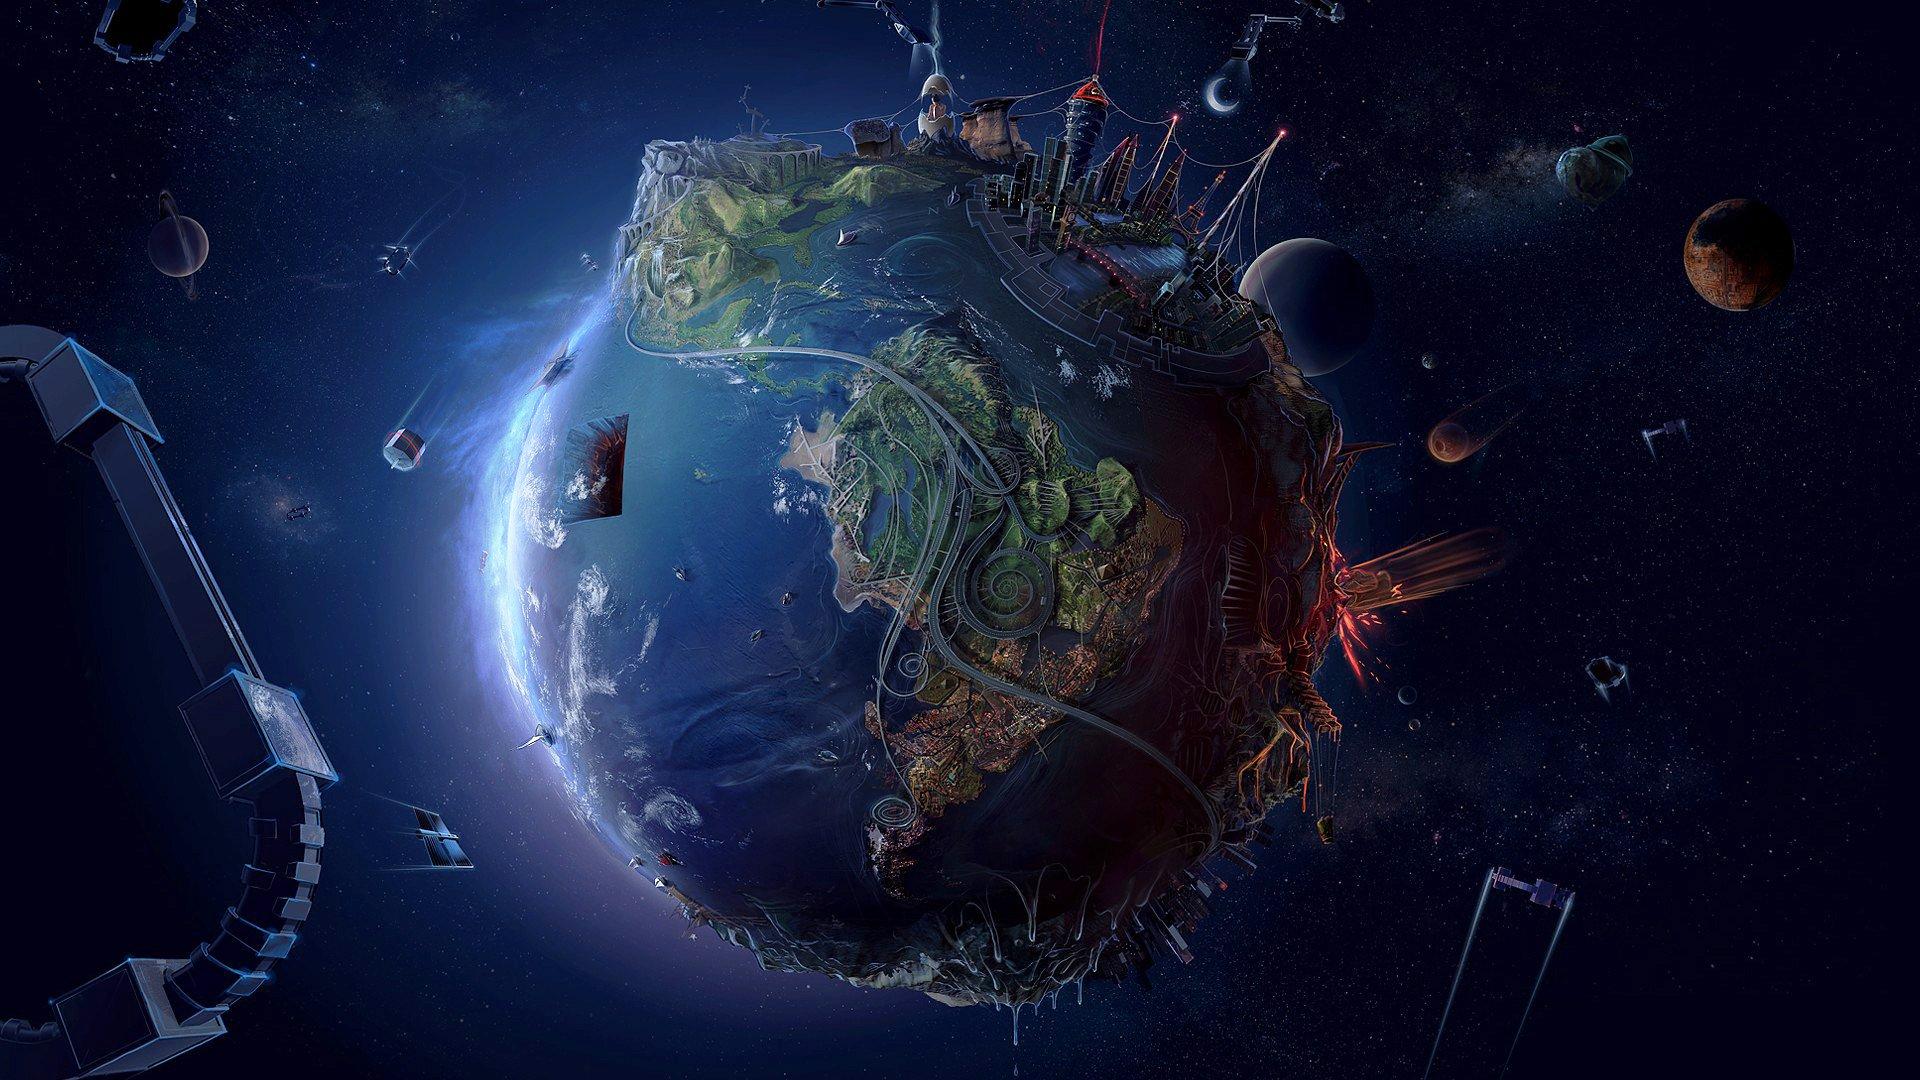 Earth Wallpaper Hd 1080p Wallpapersafari